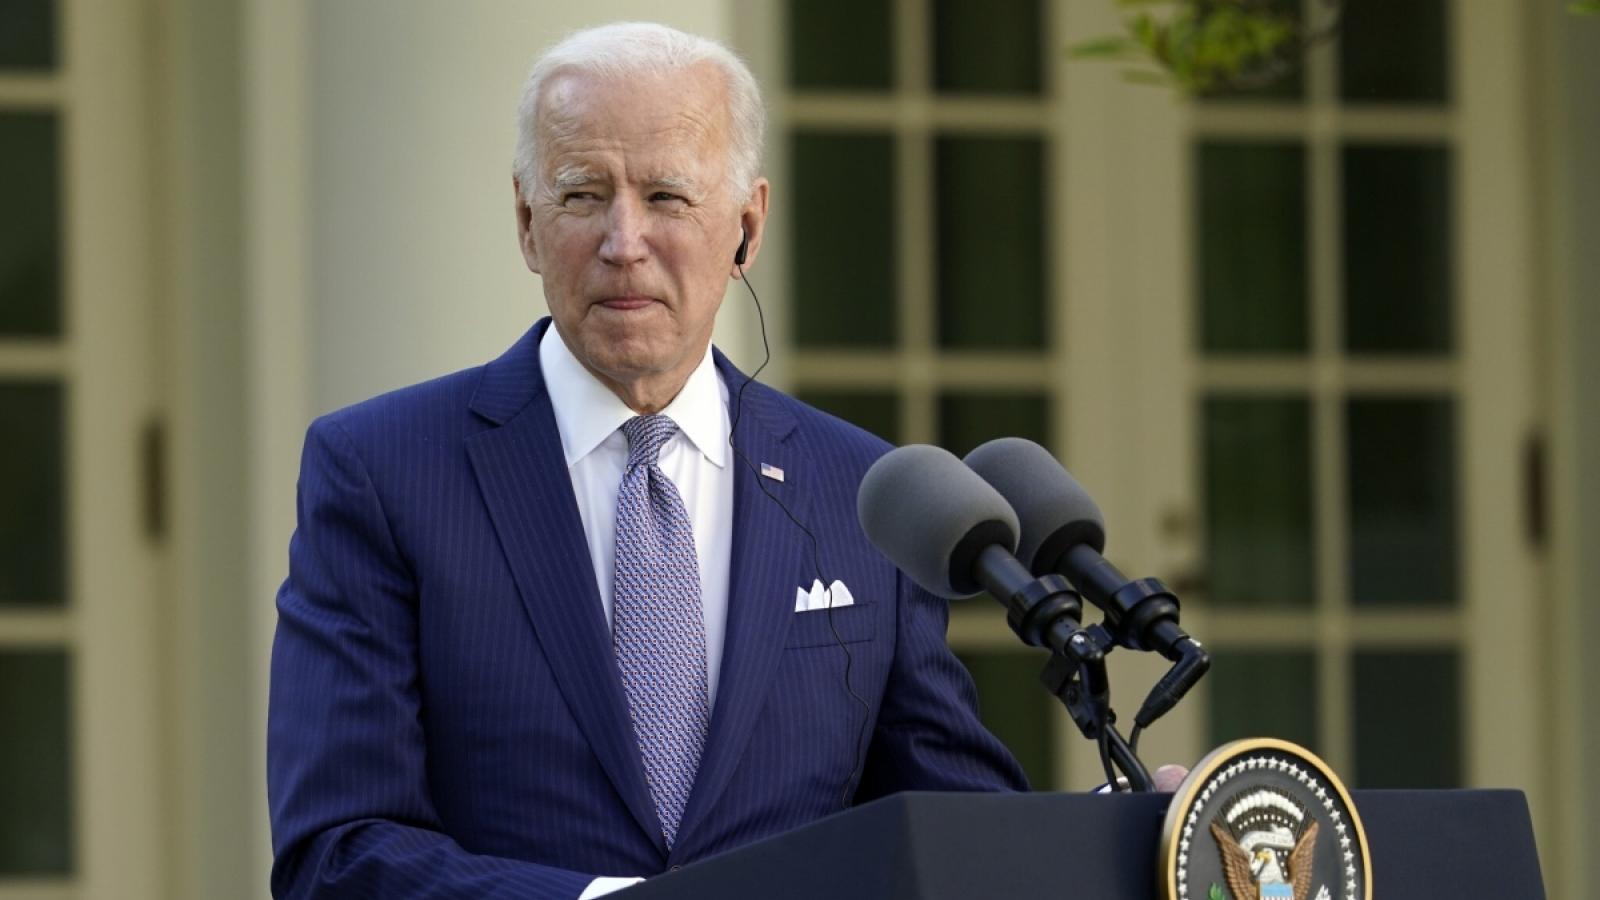 Tổng thống Joe Biden nhận được hơn 50% tỷ lệ ủng hộ trong 100 ngày đầu nhiệm kỳ